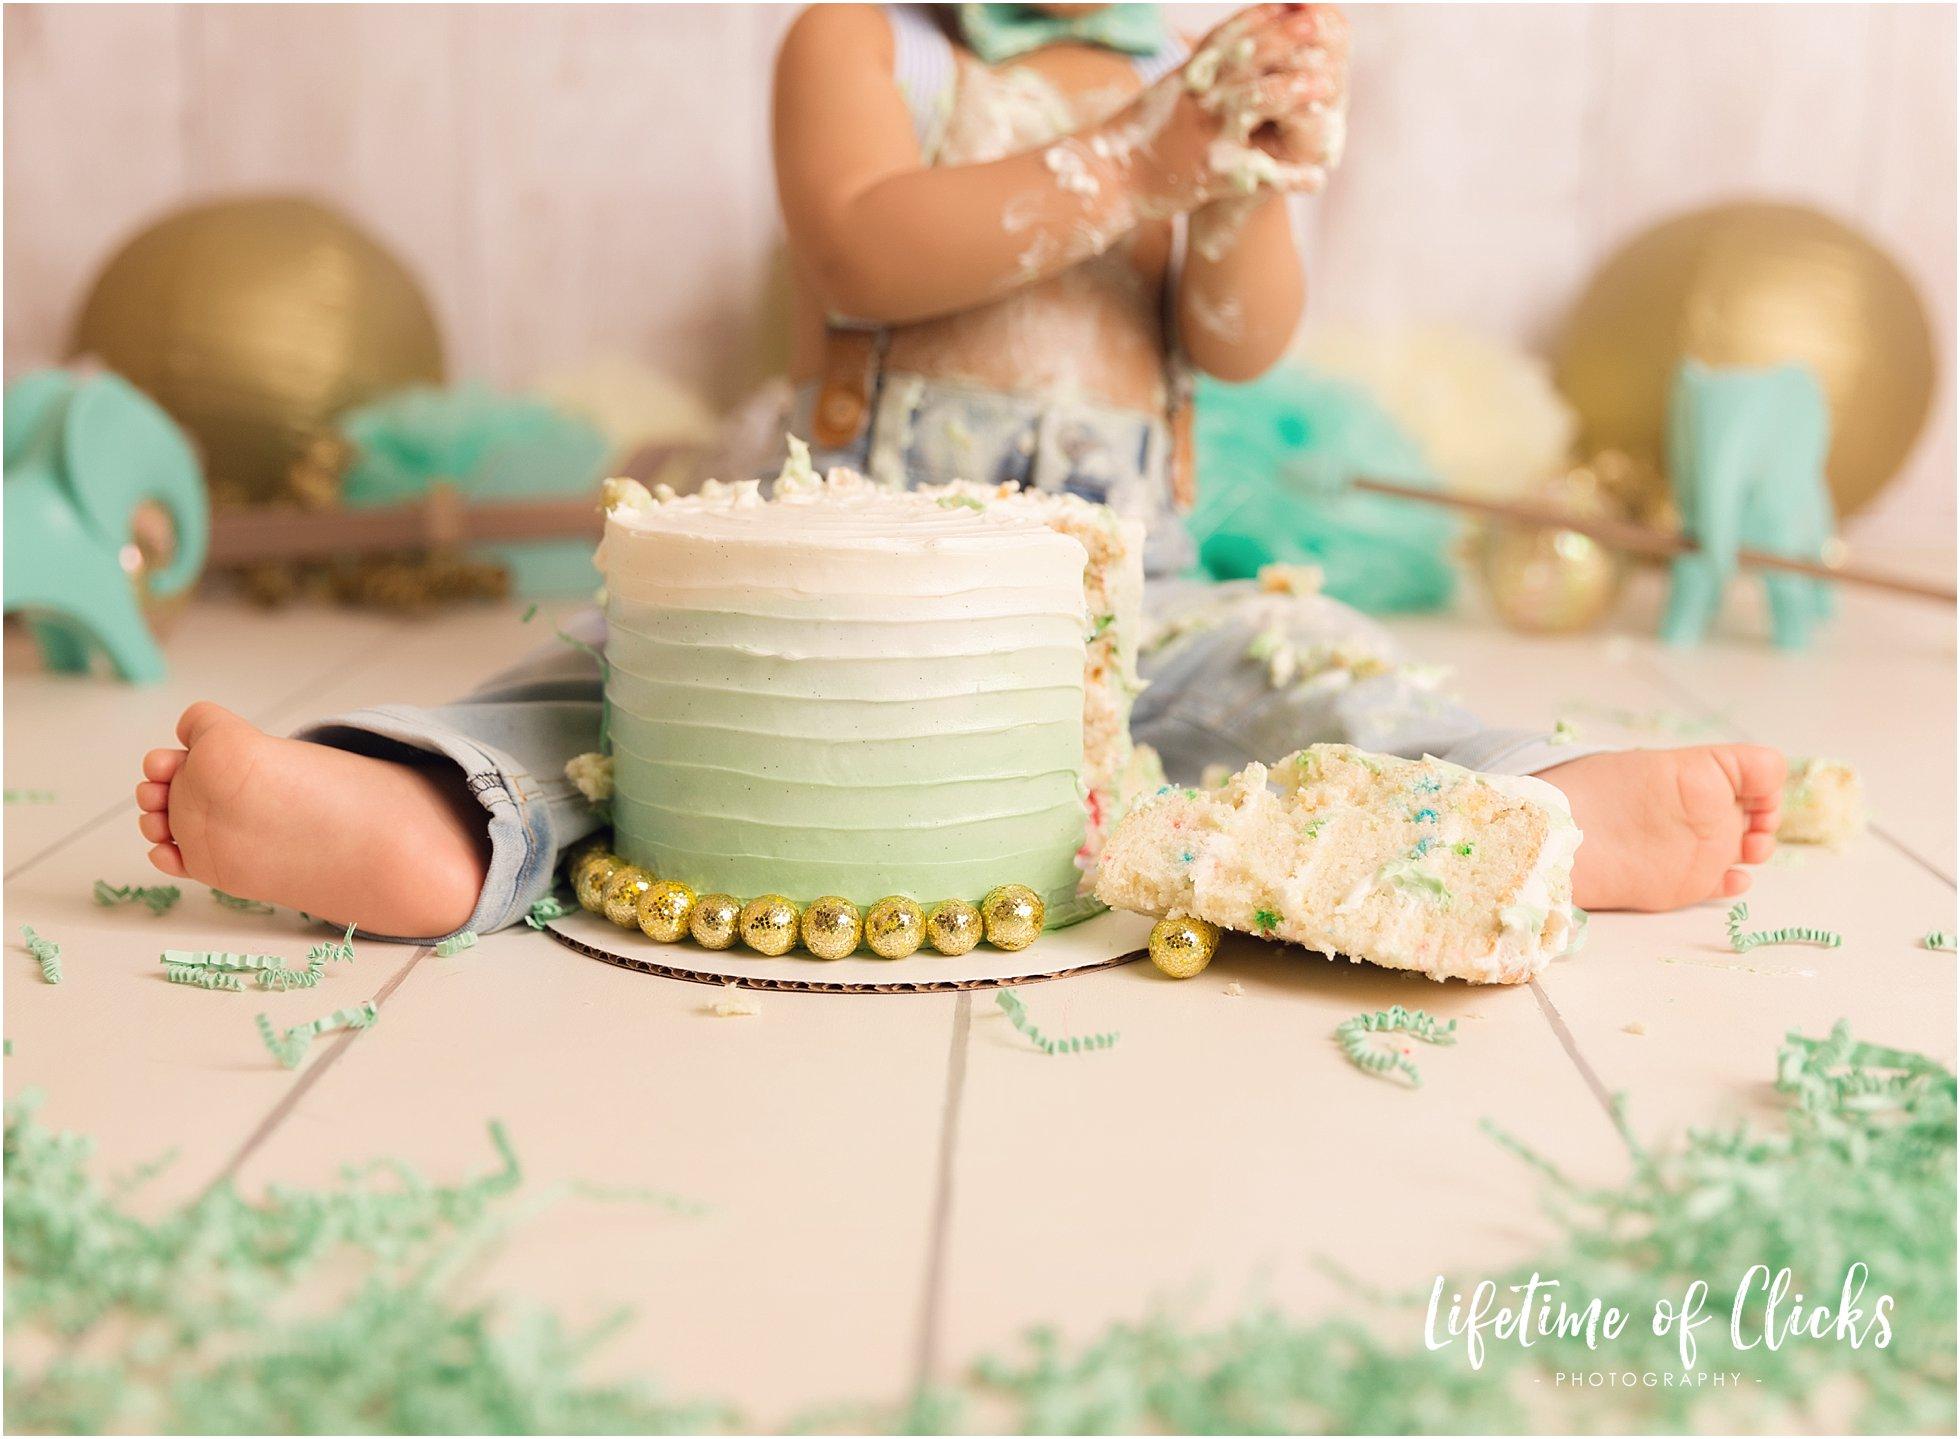 Cake smash set-up ideas